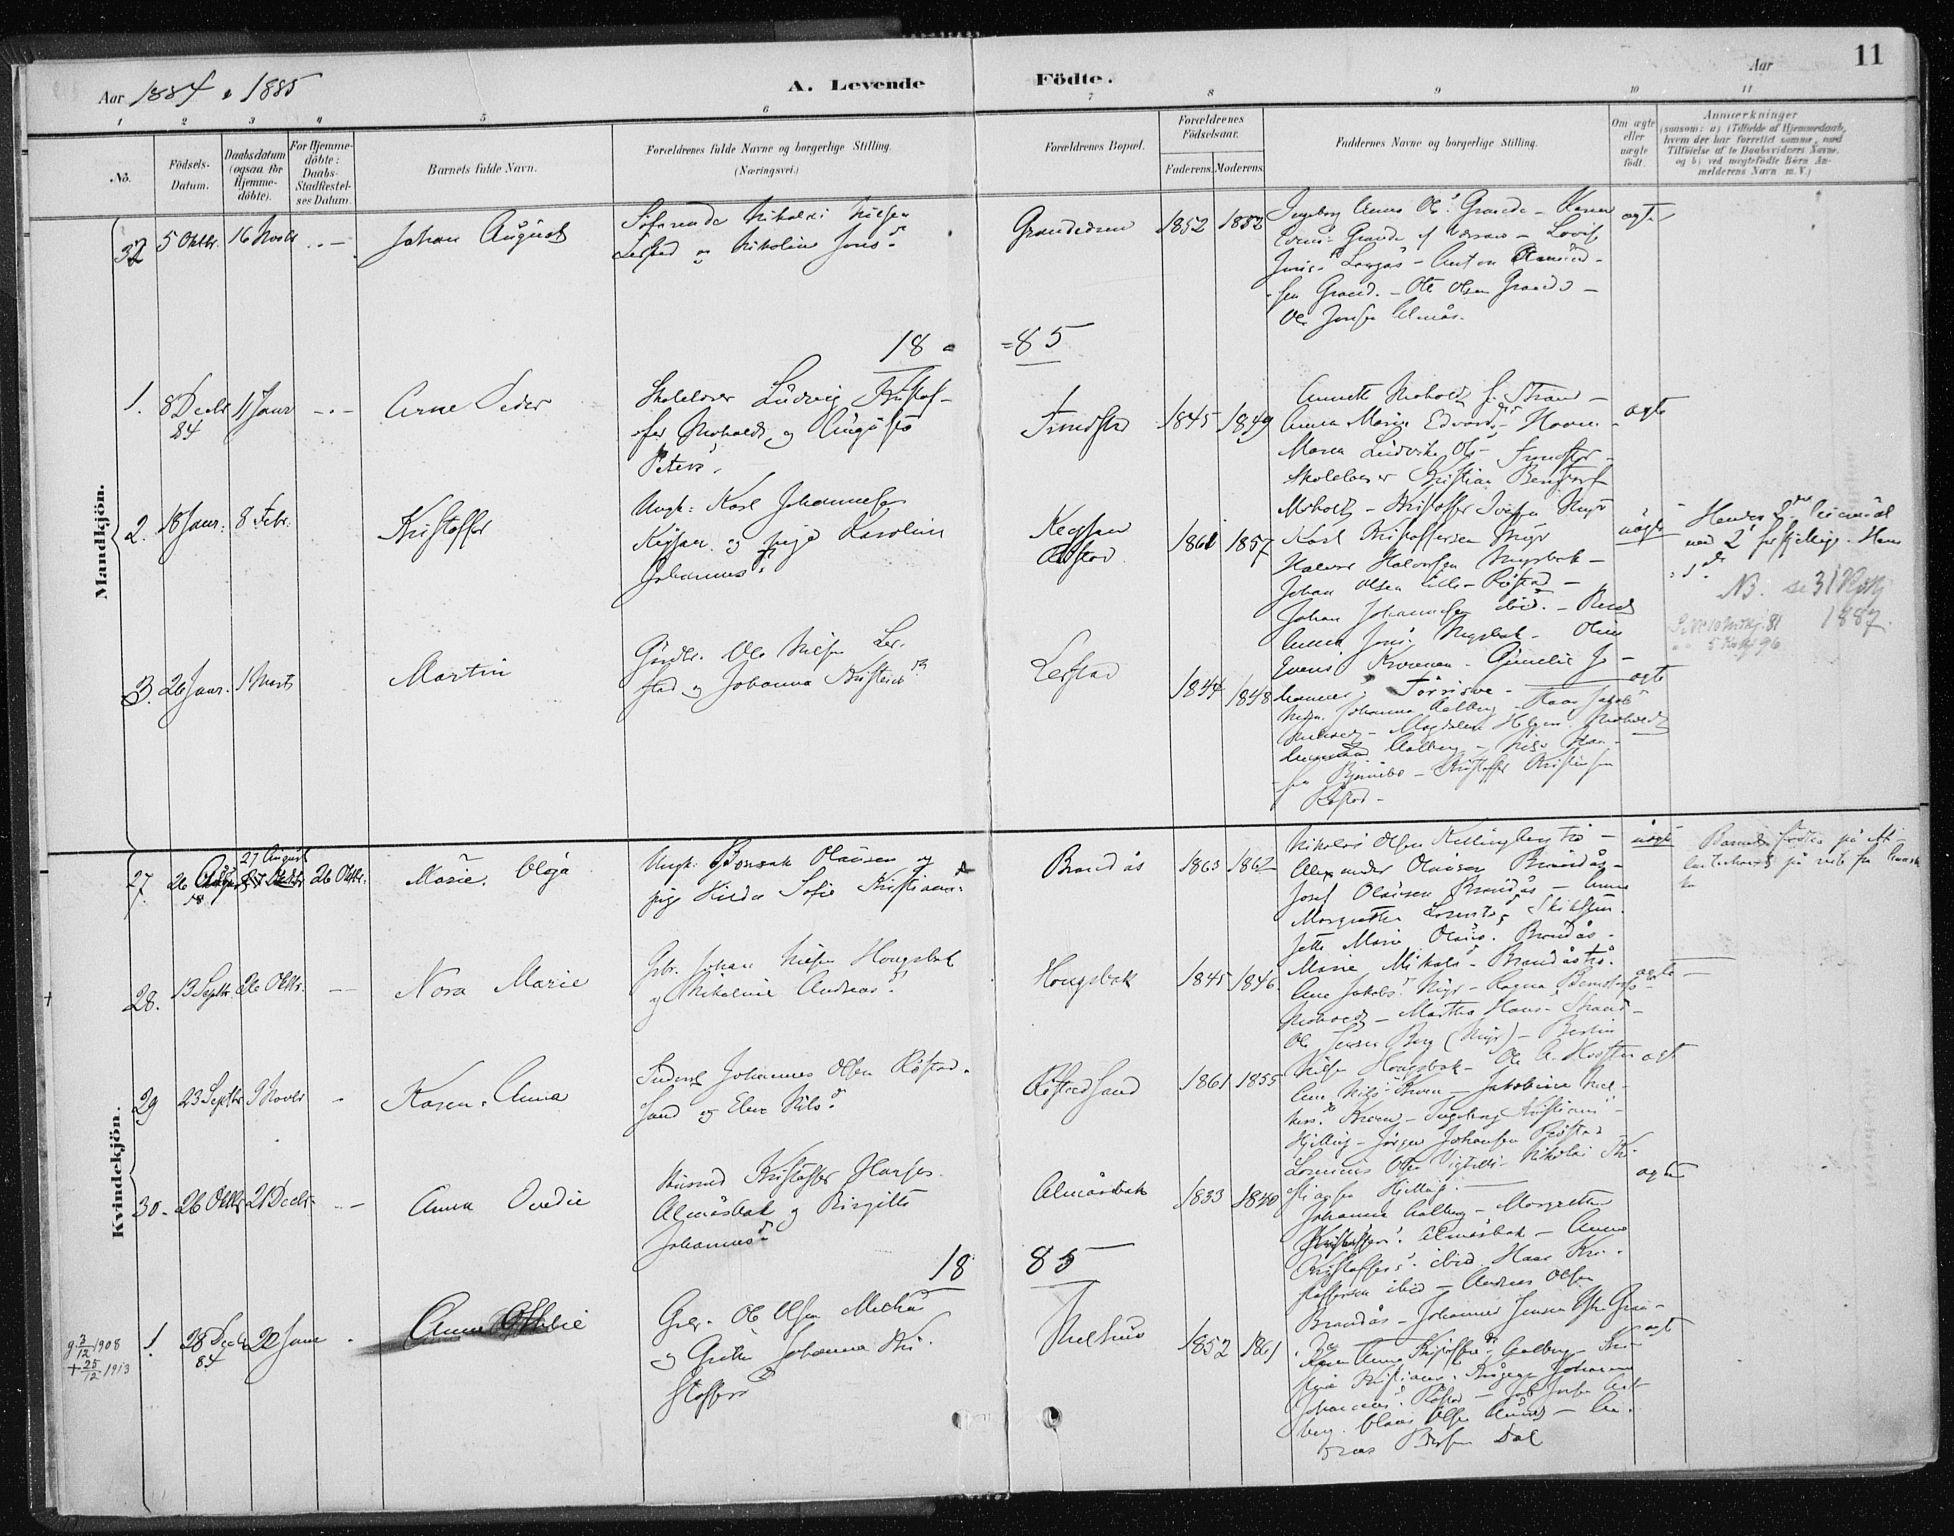 SAT, Ministerialprotokoller, klokkerbøker og fødselsregistre - Nord-Trøndelag, 701/L0010: Ministerialbok nr. 701A10, 1883-1899, s. 11